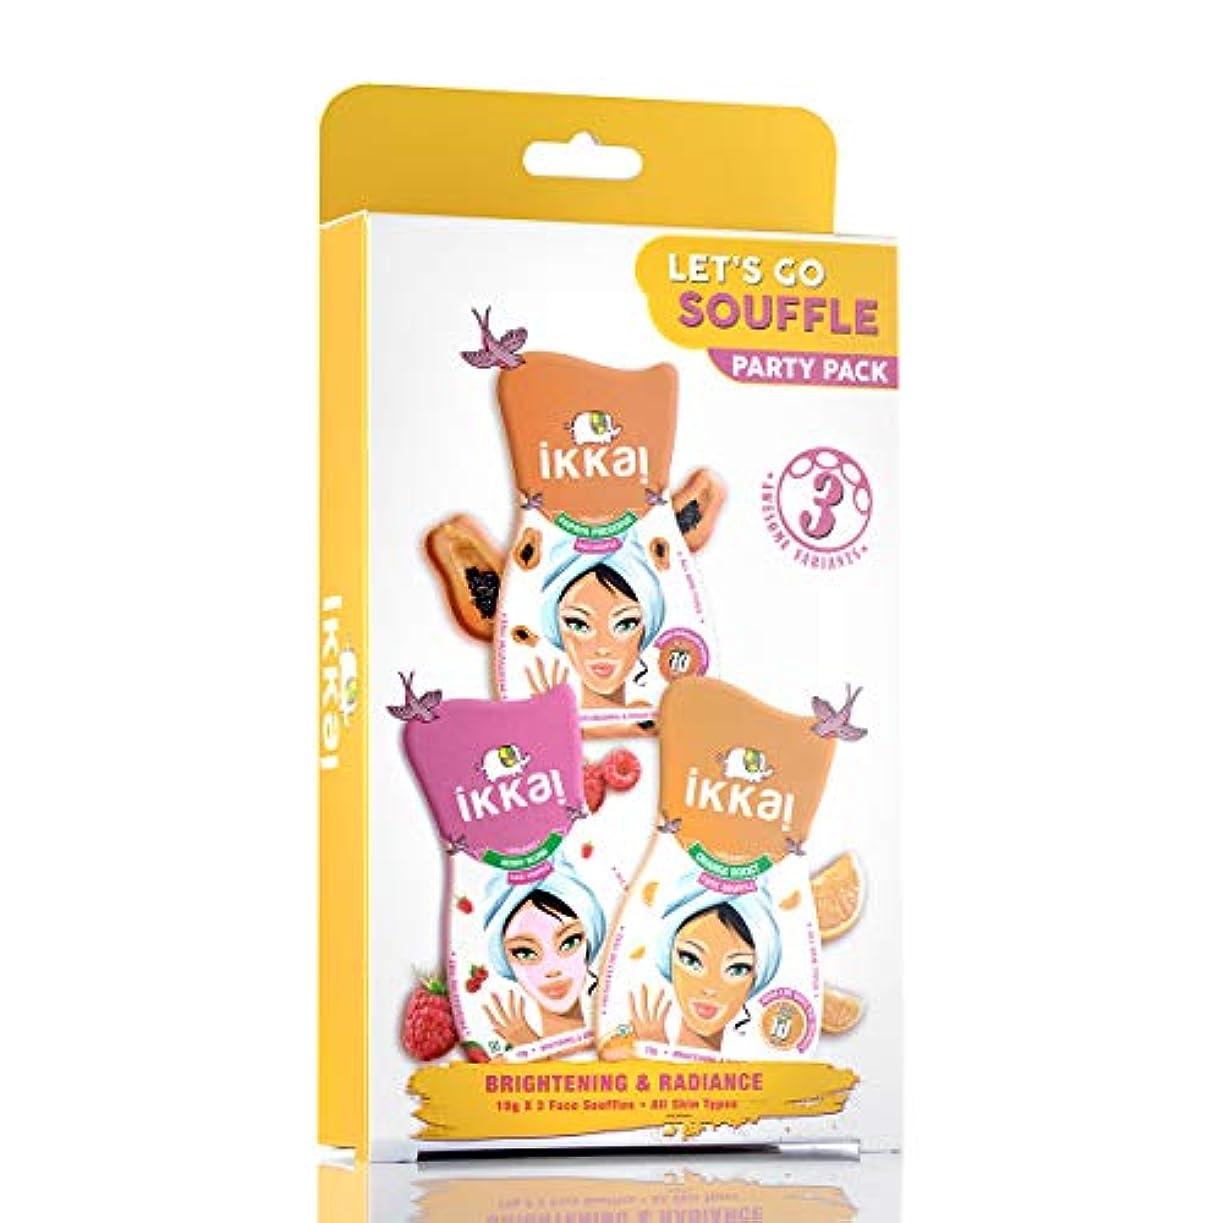 ラフ睡眠生む太鼓腹Ikkai by Lotus Herbals Lets Go Souffle Party Pack (1 Face Mask, 1 Face Scrub and 1 Face Souffle)